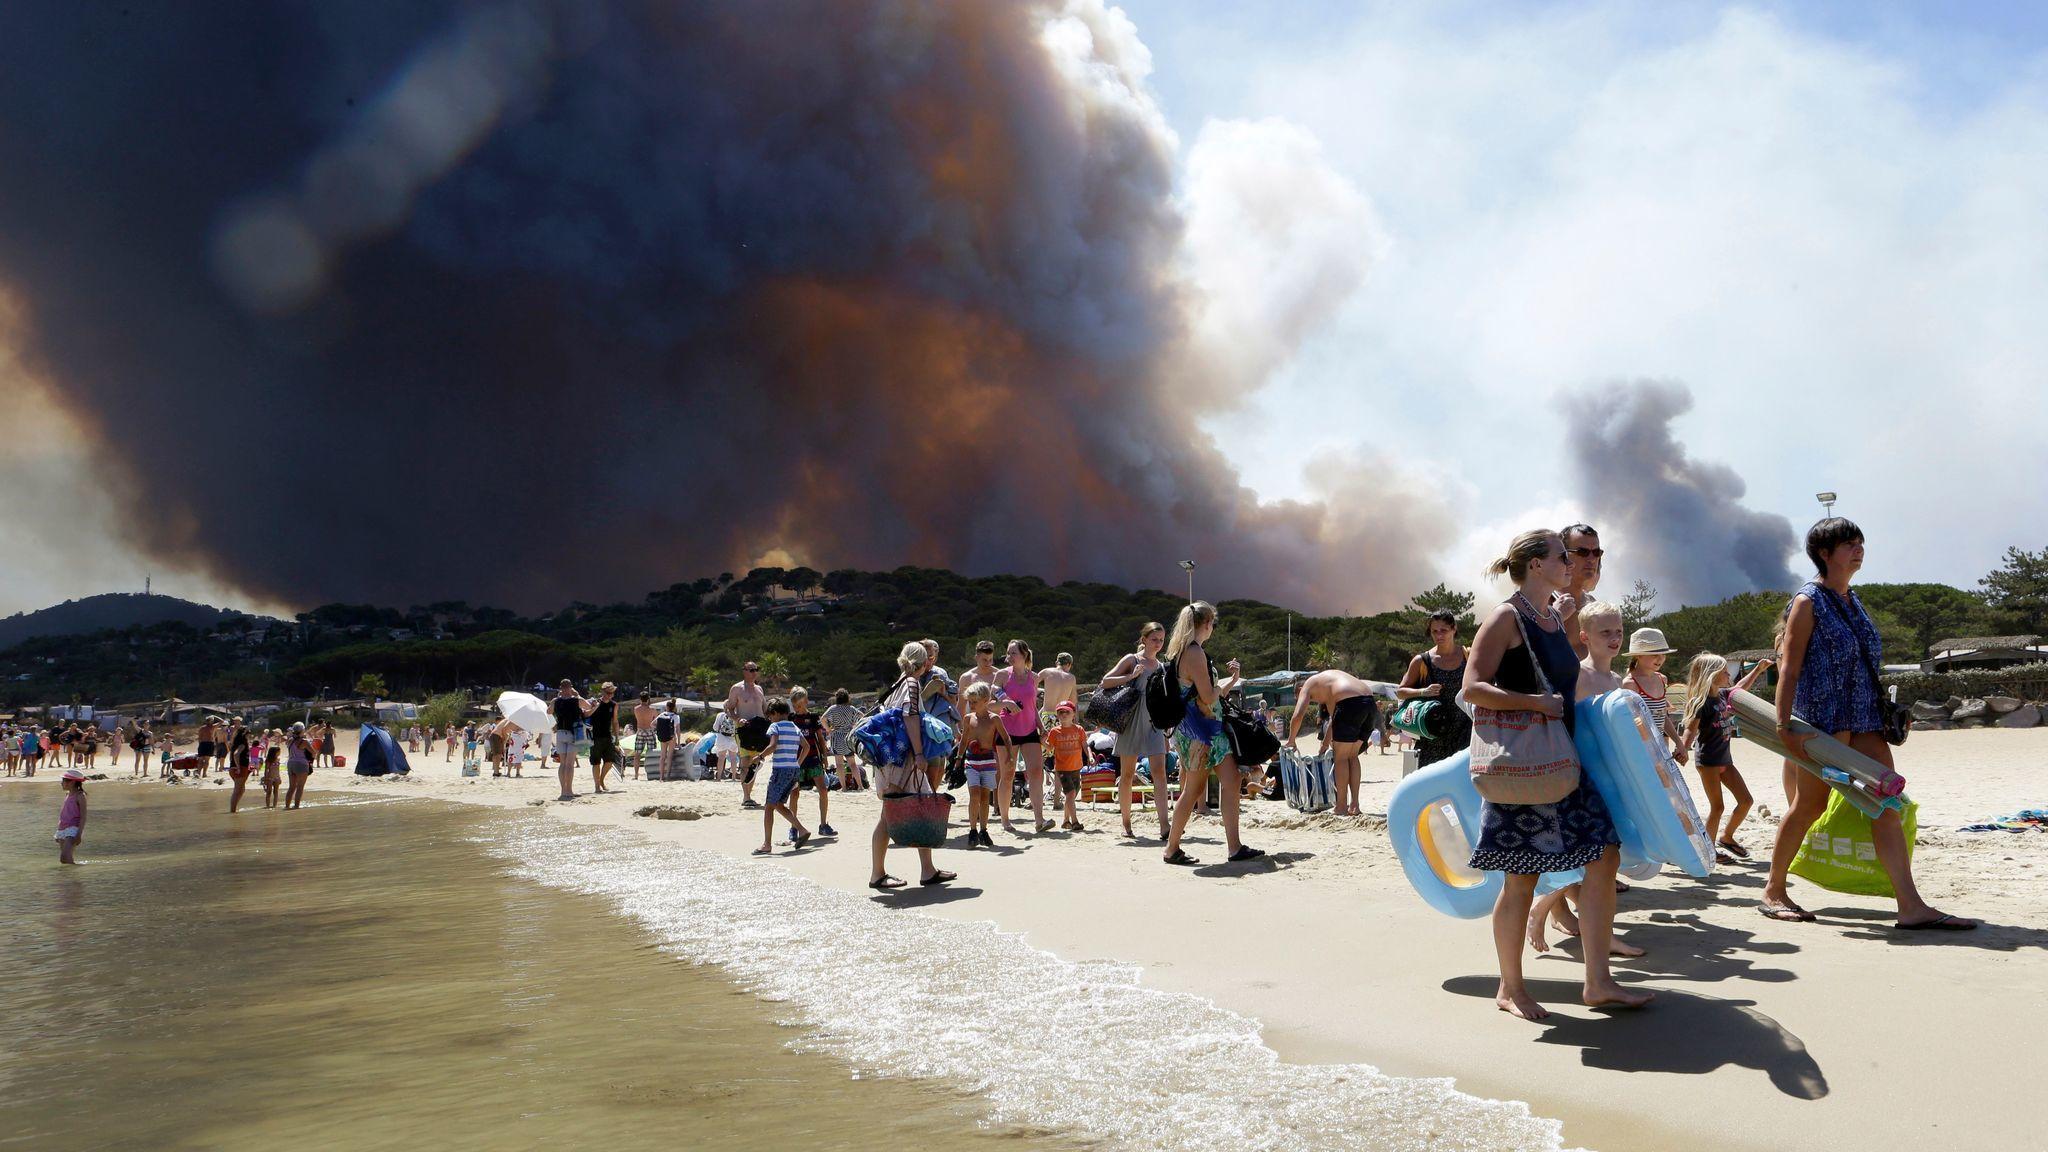 la-fg-french-riviera-fires-20170726